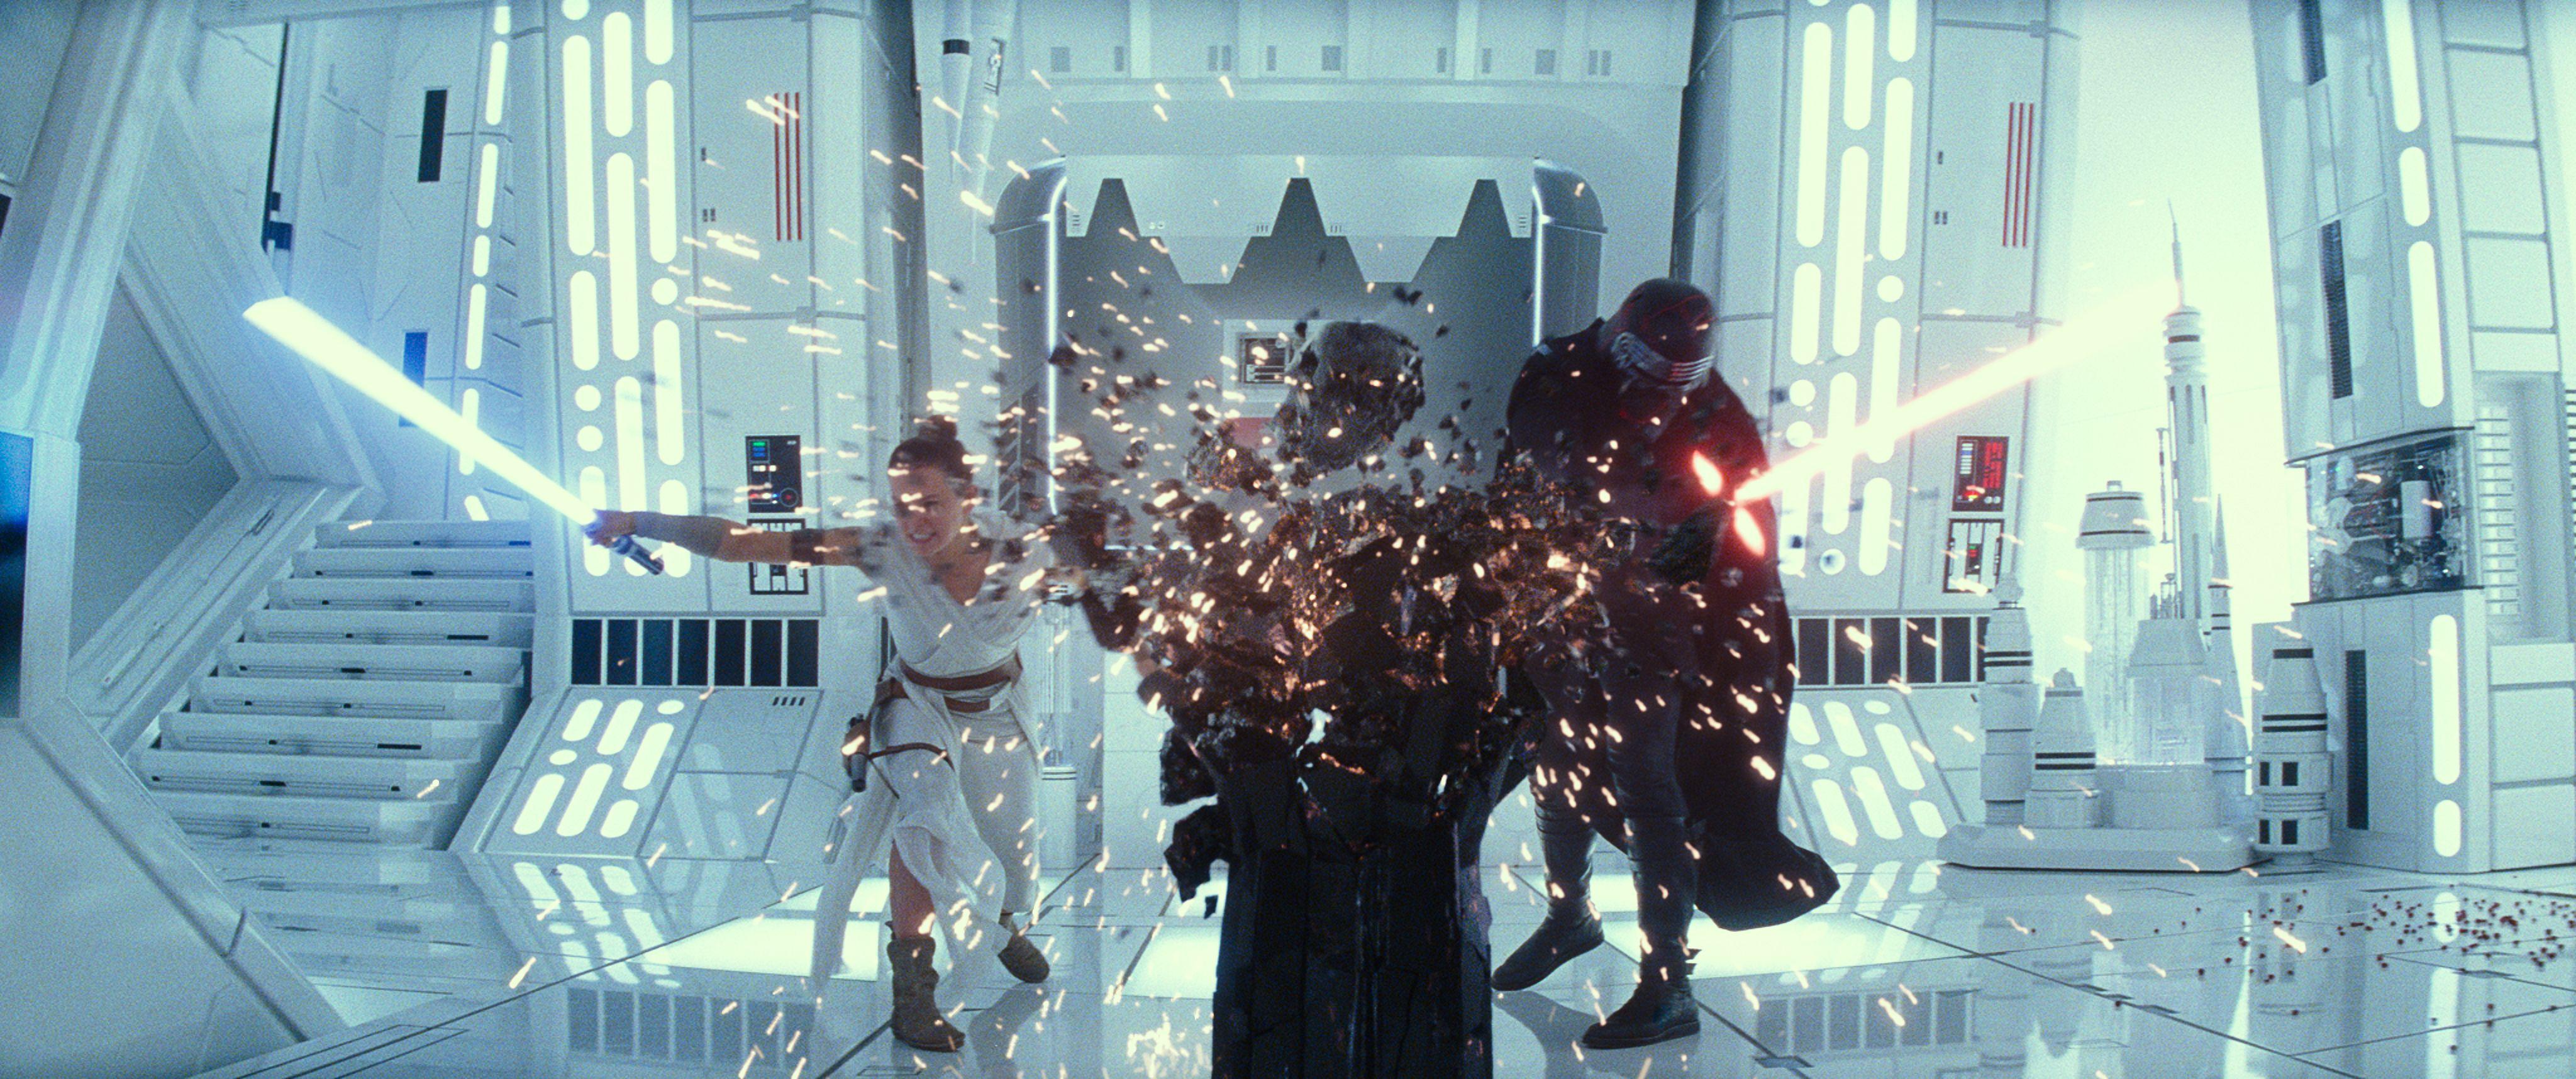 《星战9》同步北美上映还需等消息,此前剧本险些被透露